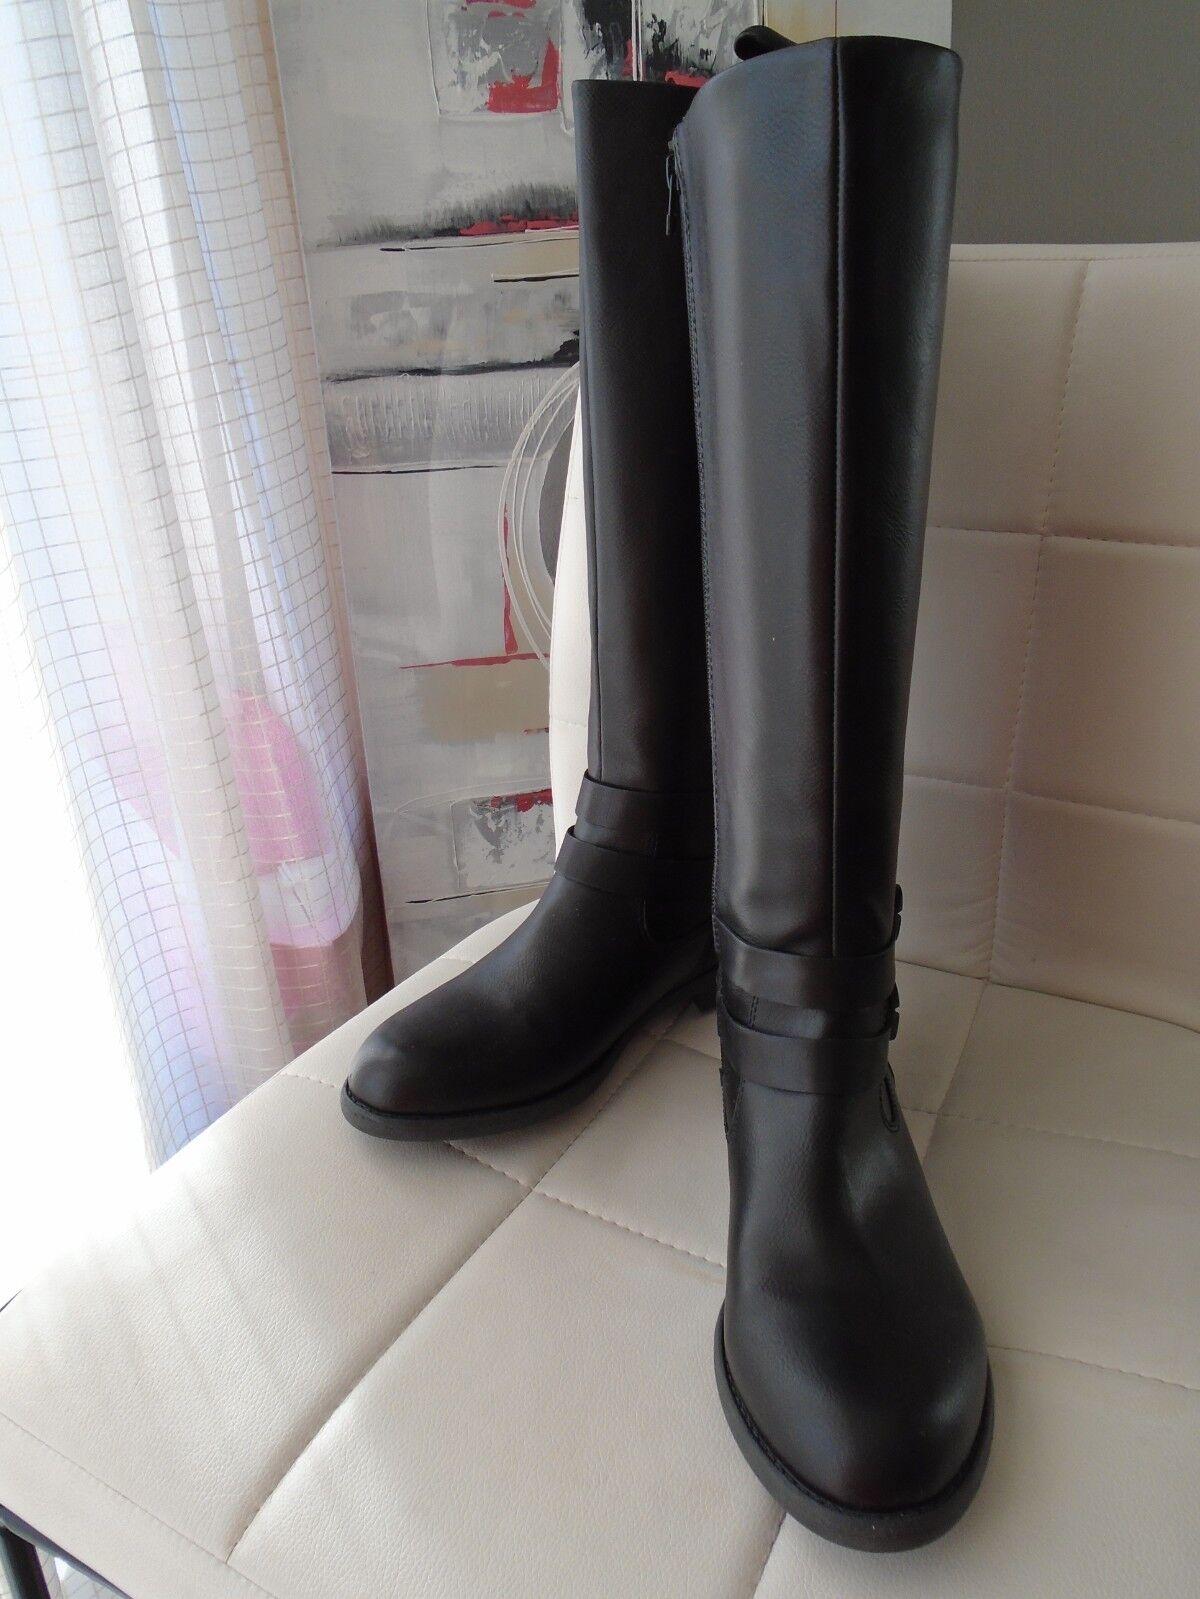 Esprit Hanie Stiefel ca.40 Reißverschluss ca.40 Stiefel cm hoch schwarz Größe 42 NEU 73f9bd